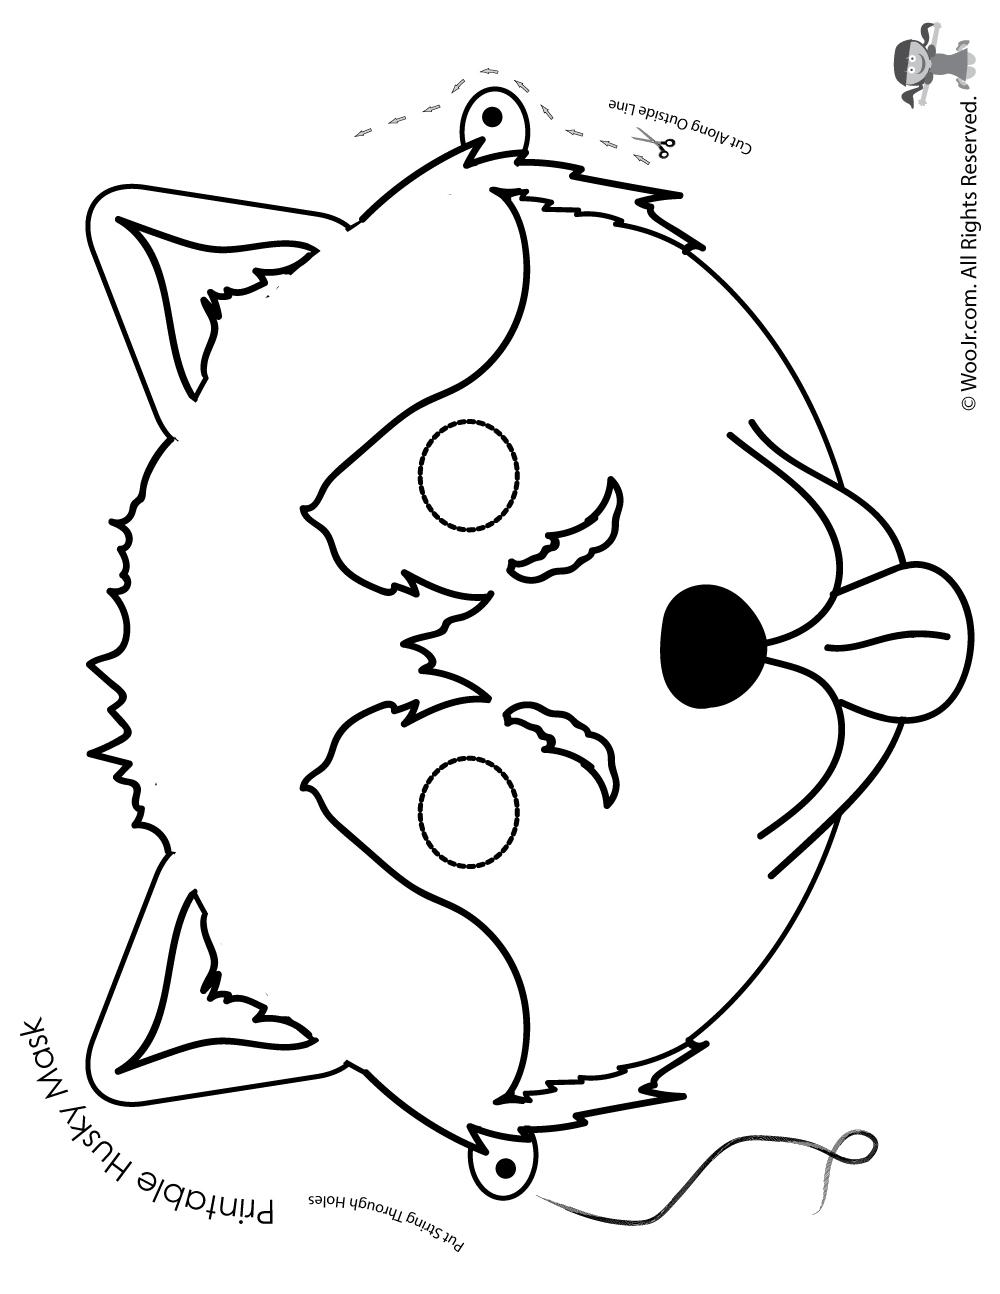 Free Printable Dog Mask: Husky Mask - Coloring Page